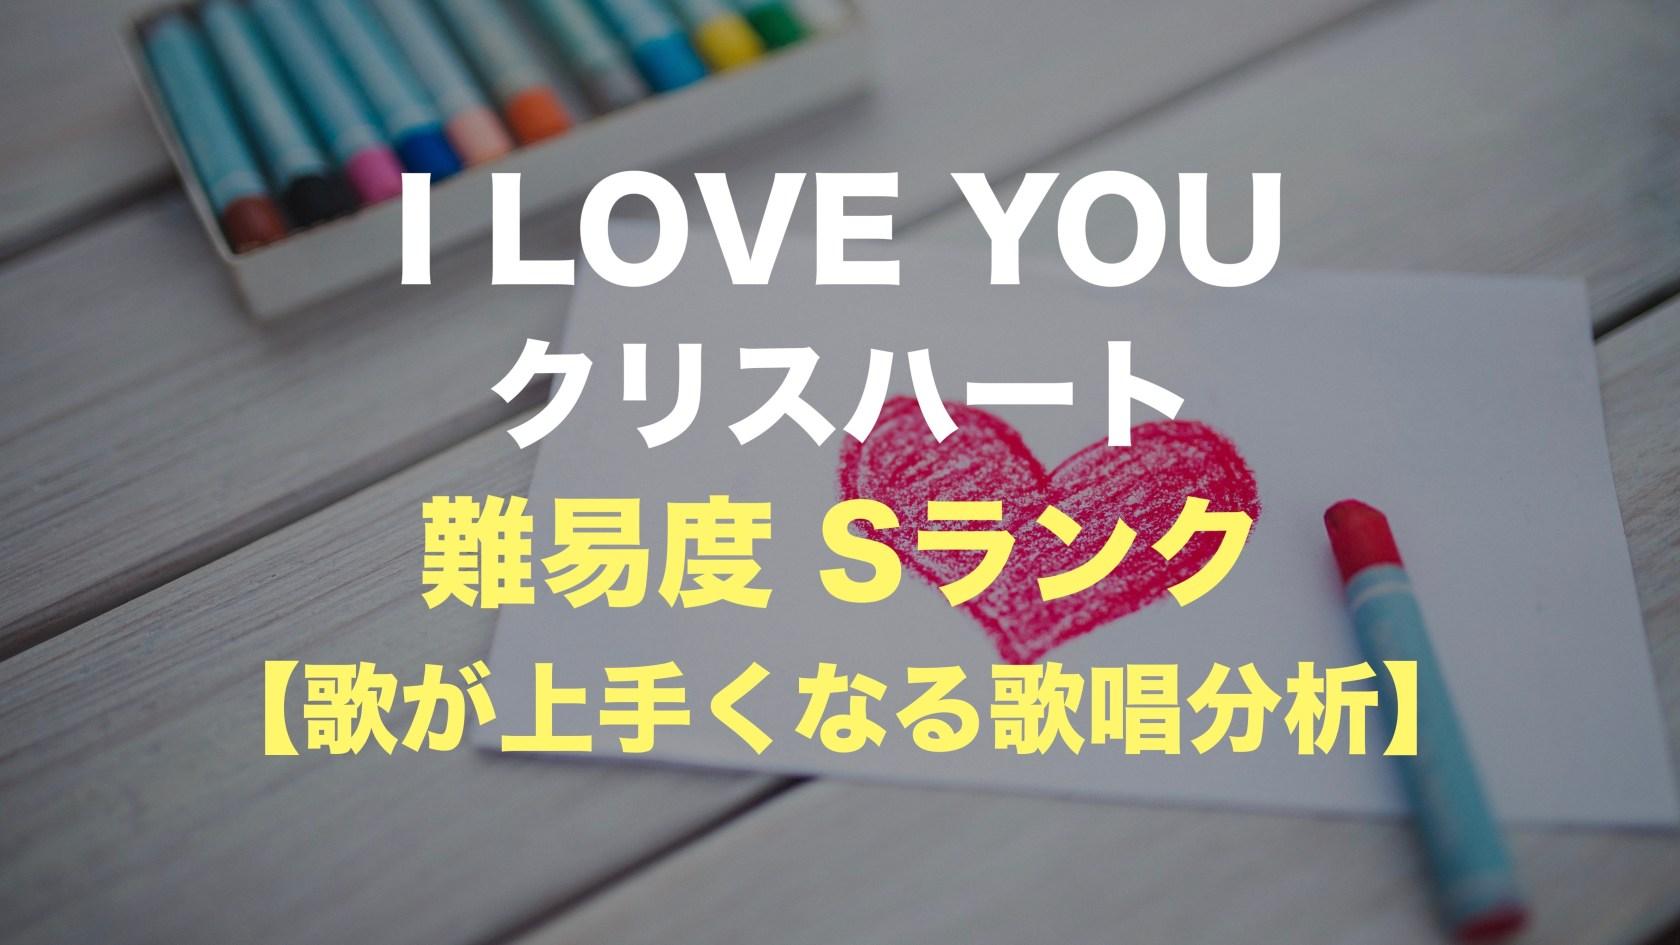 【歌い方】I LOVE YOU / クリスハート (難易度S)【歌が上手くなる歌唱分析シリーズ】